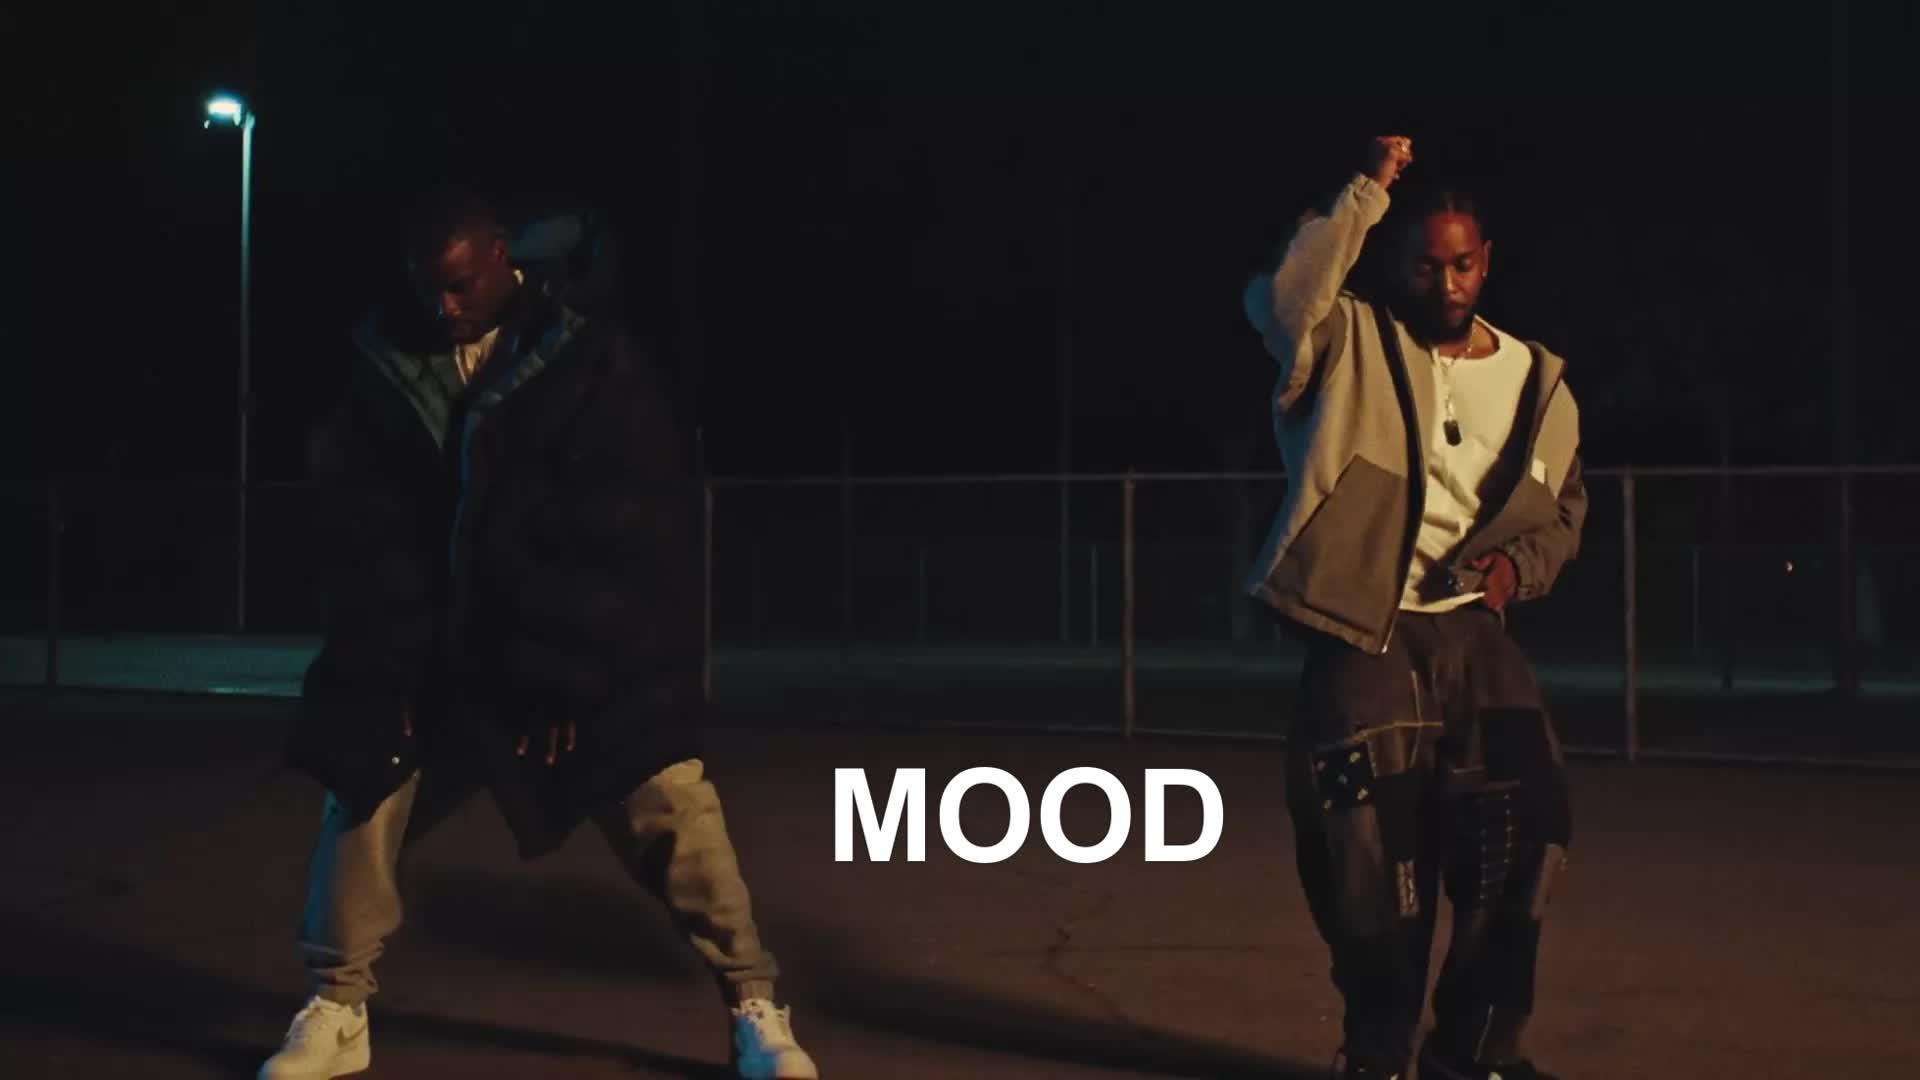 Jay Rock, Kendrick lamar, jay rock, kendrick lamar, music, wow freestyle, Kendrick lamar GIFs